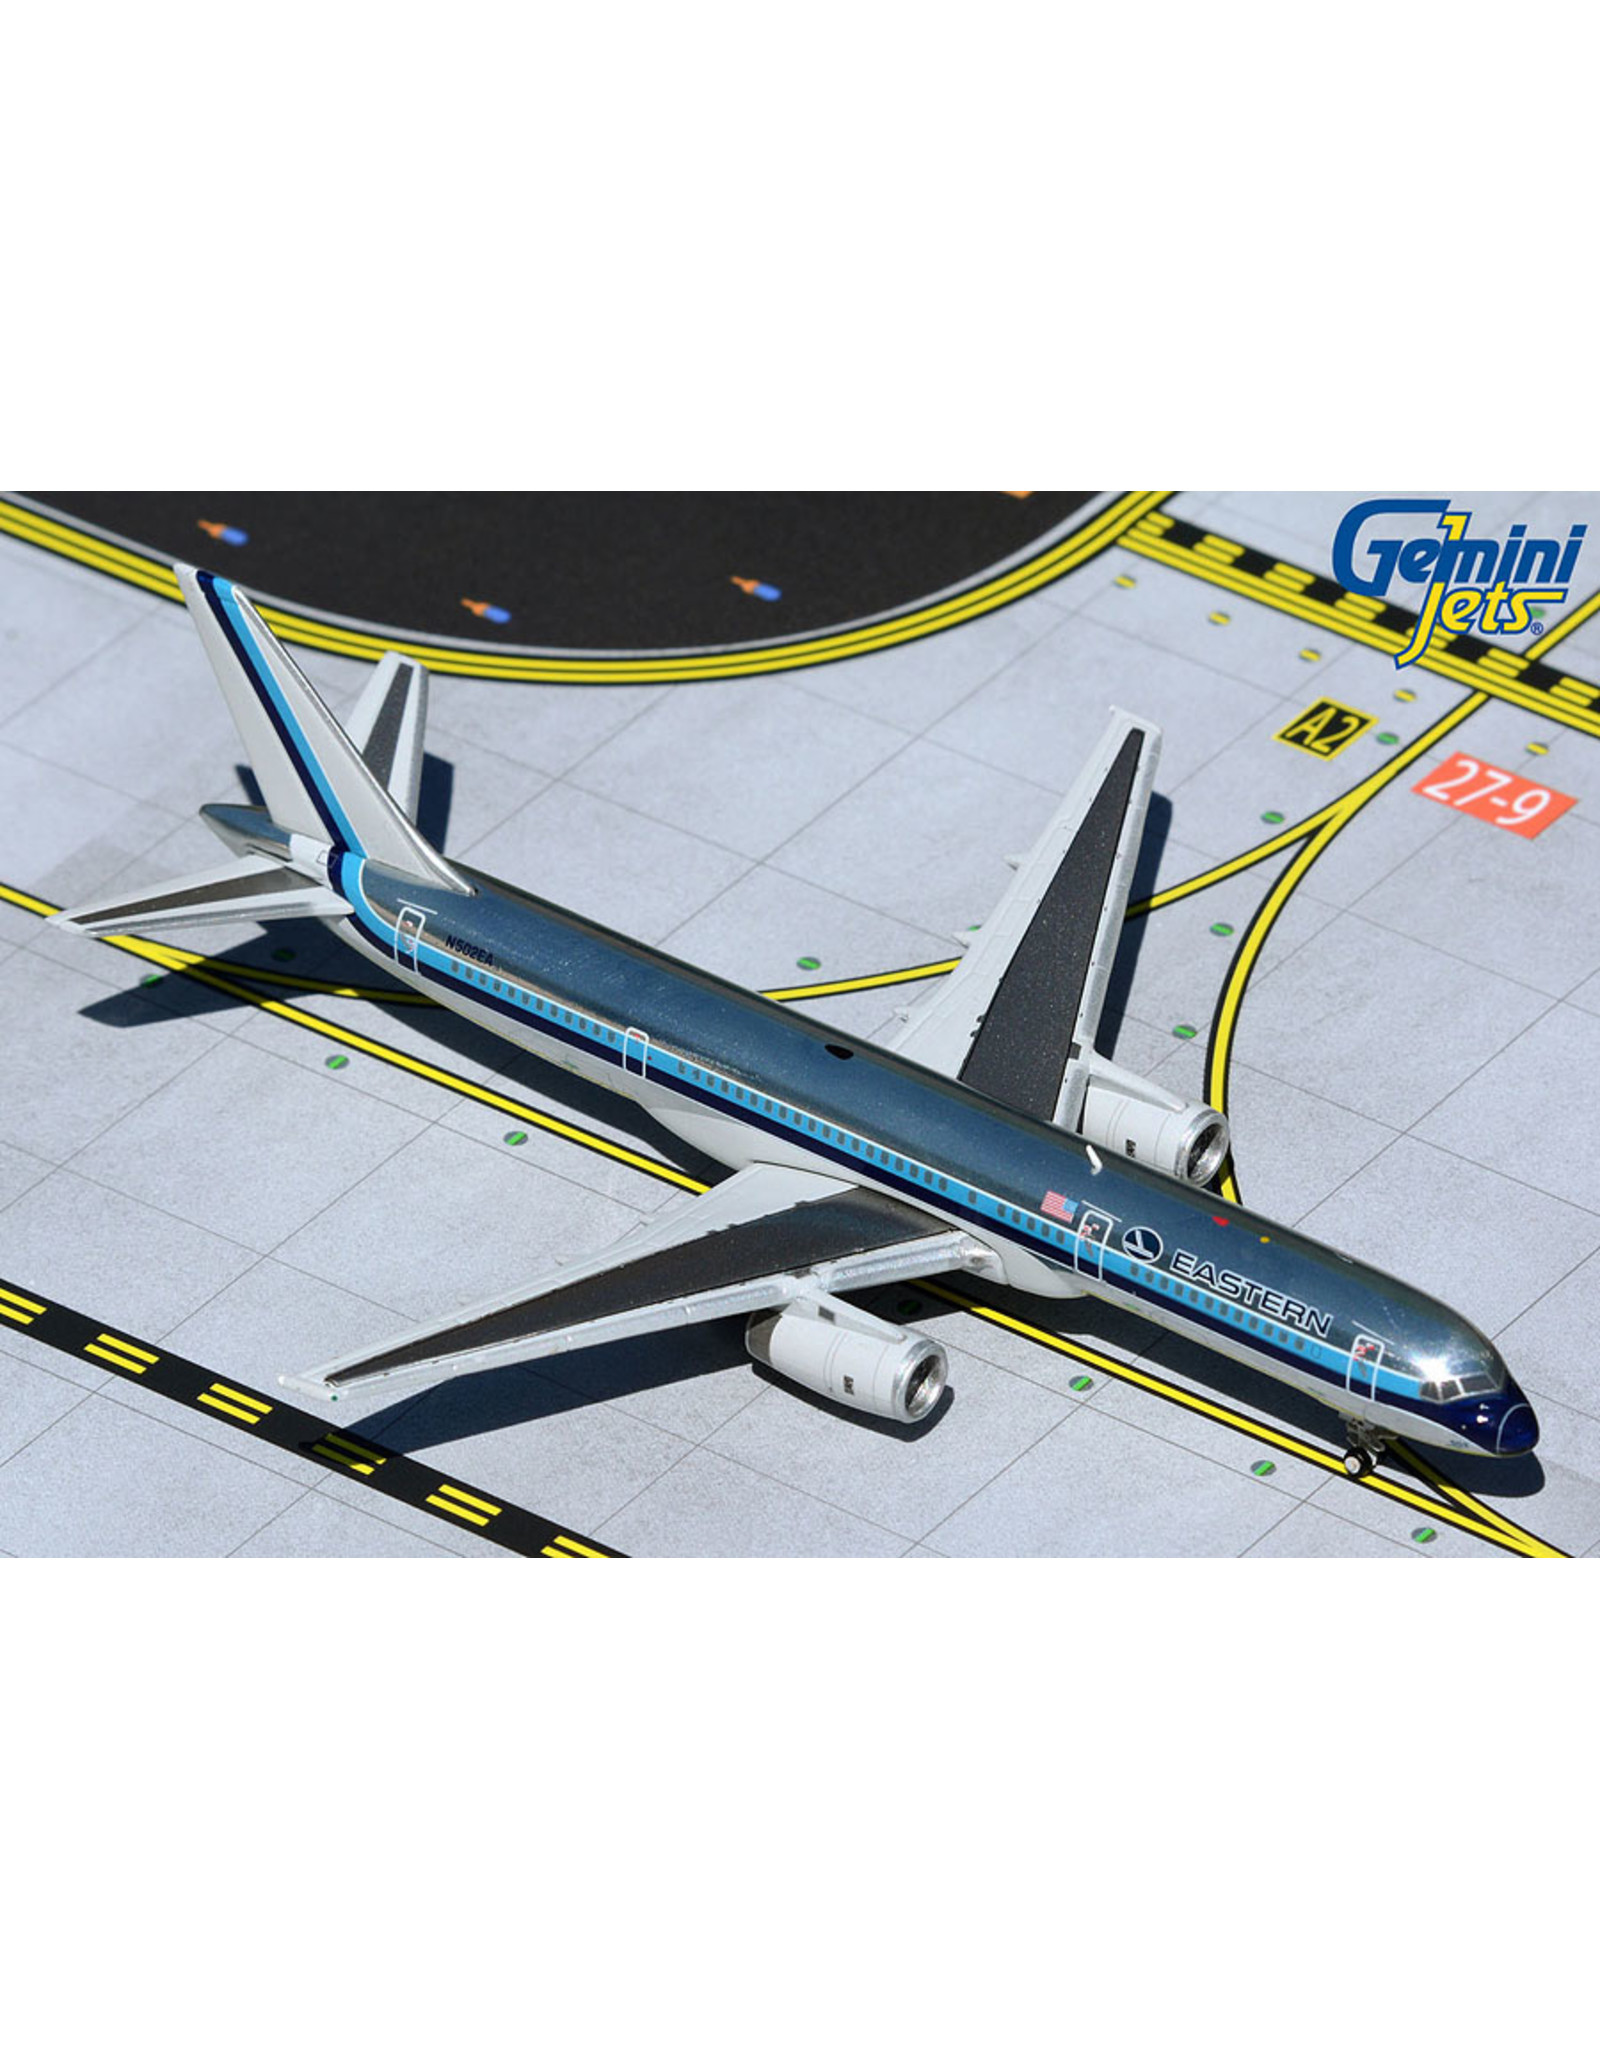 Gemini Gem4 Eastern 757-200 N502EA